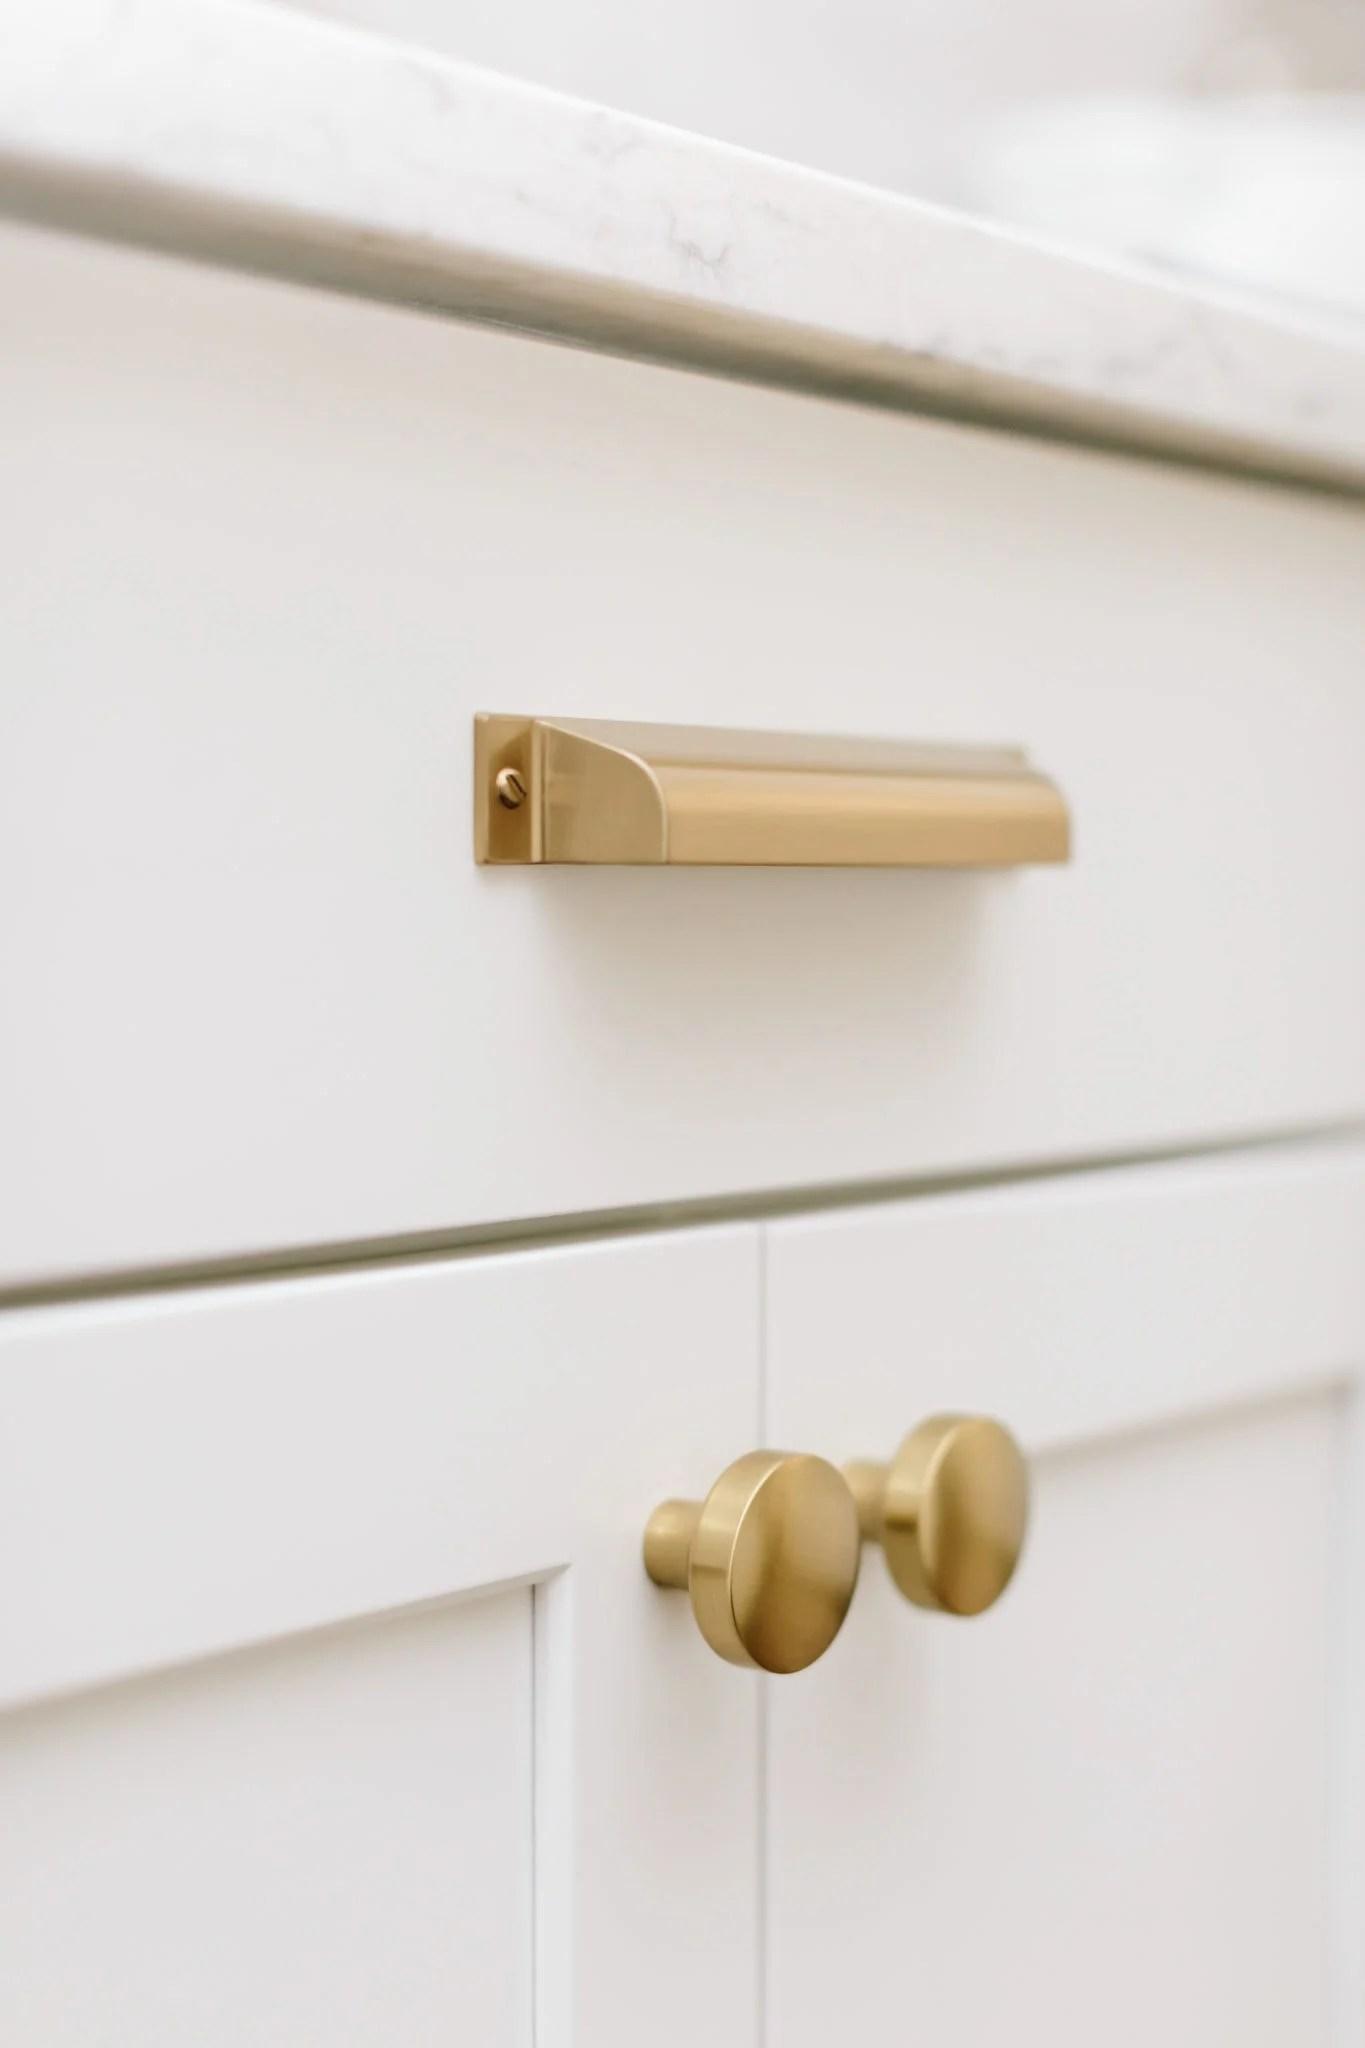 Satin brass kitchen cabinet hardware